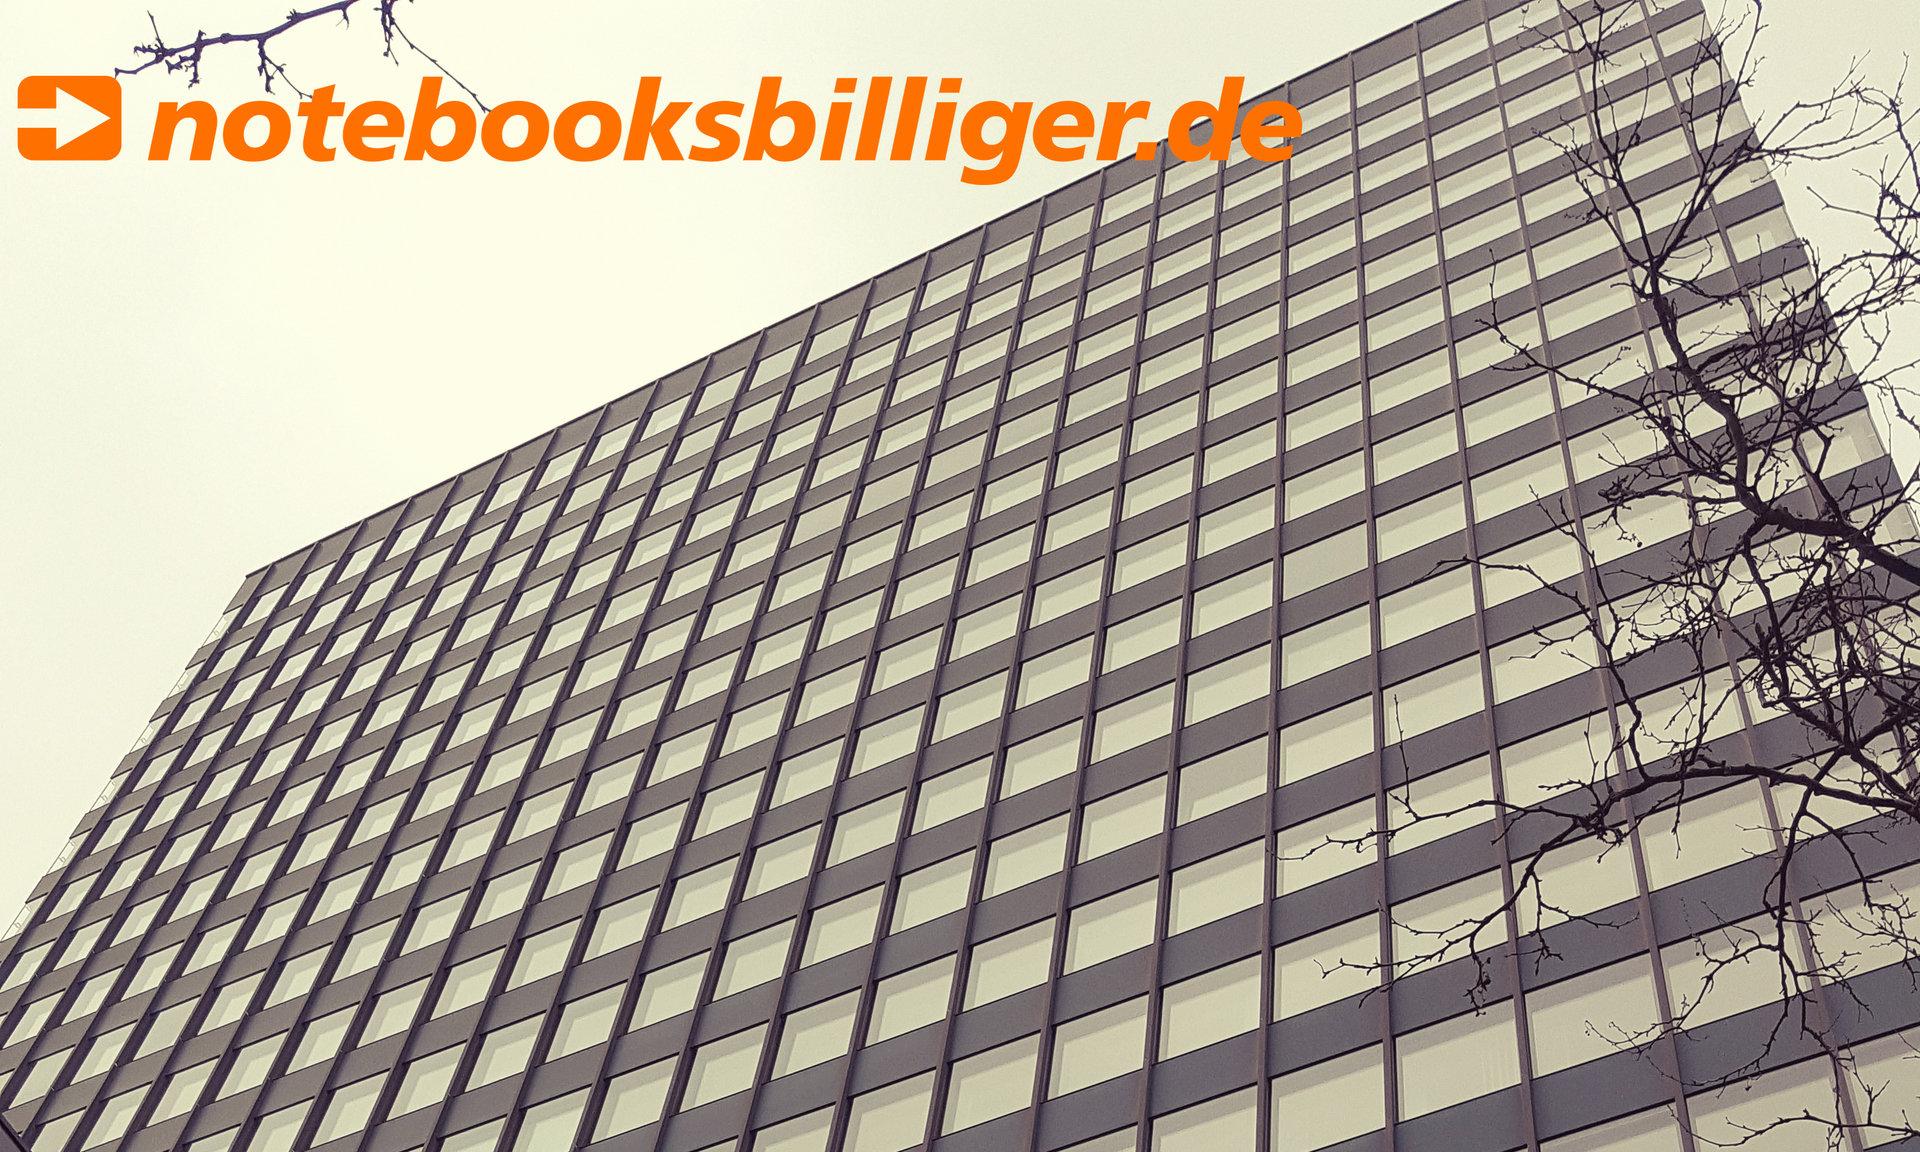 notebooksbilliger.de | Auszeichnung mit dem Deutschen Onlinehandel Award – Customers Choice 2018